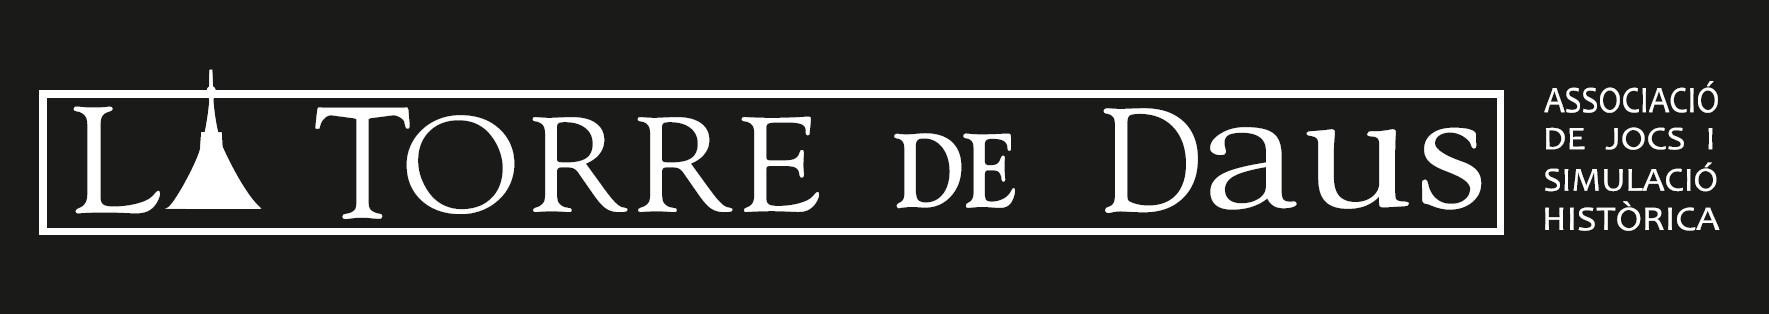 CLUB LA TORRE DE DAUS SABADELL